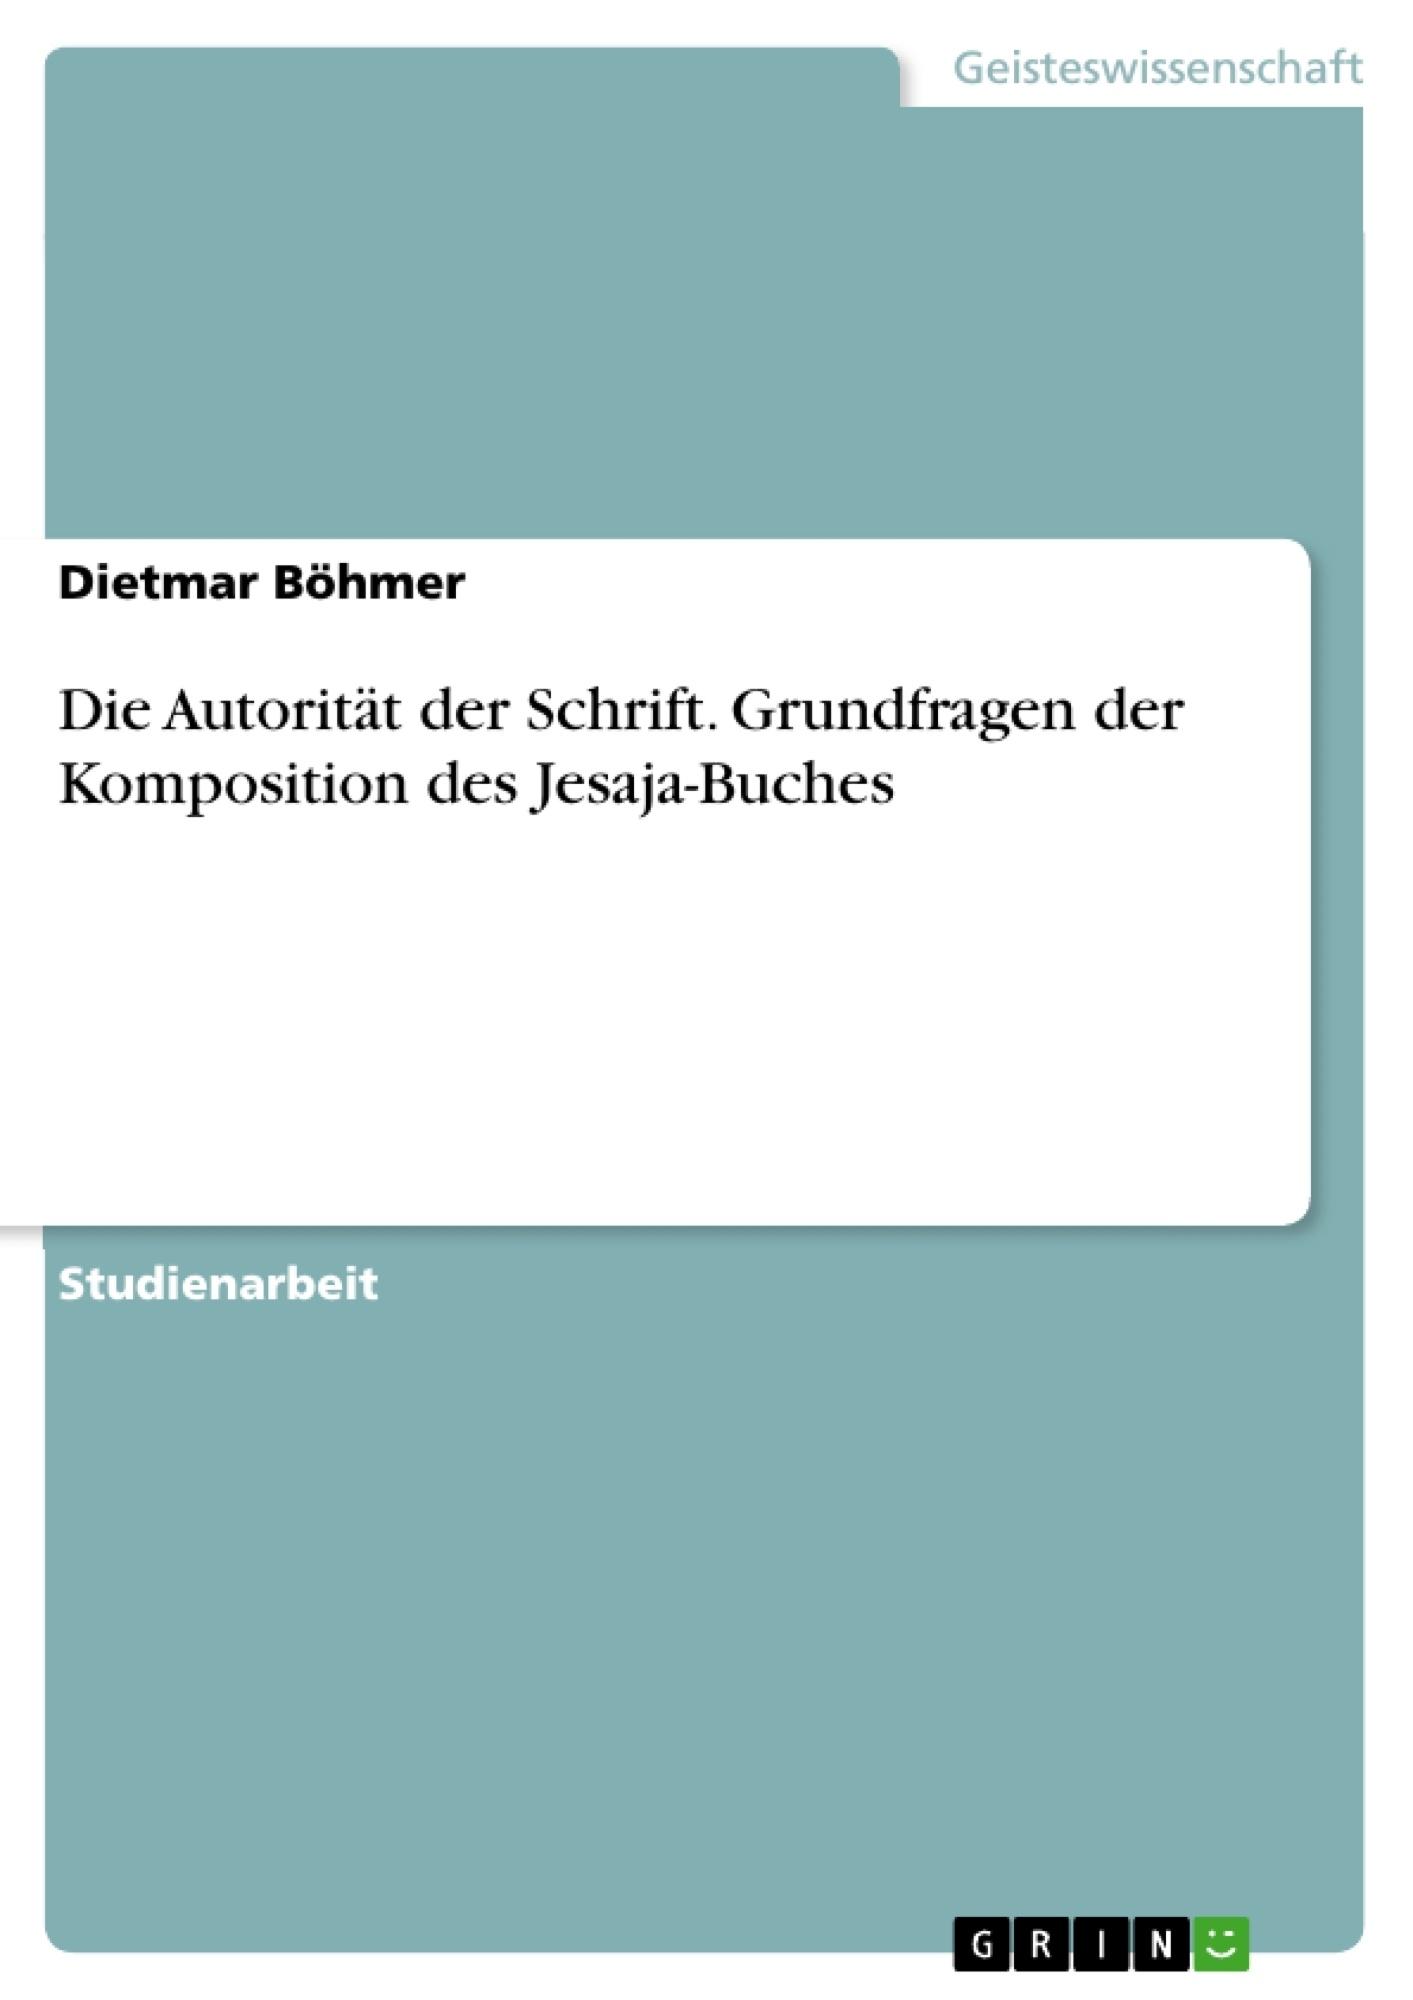 Titel: Die Autorität der Schrift. Grundfragen der Komposition des Jesaja-Buches